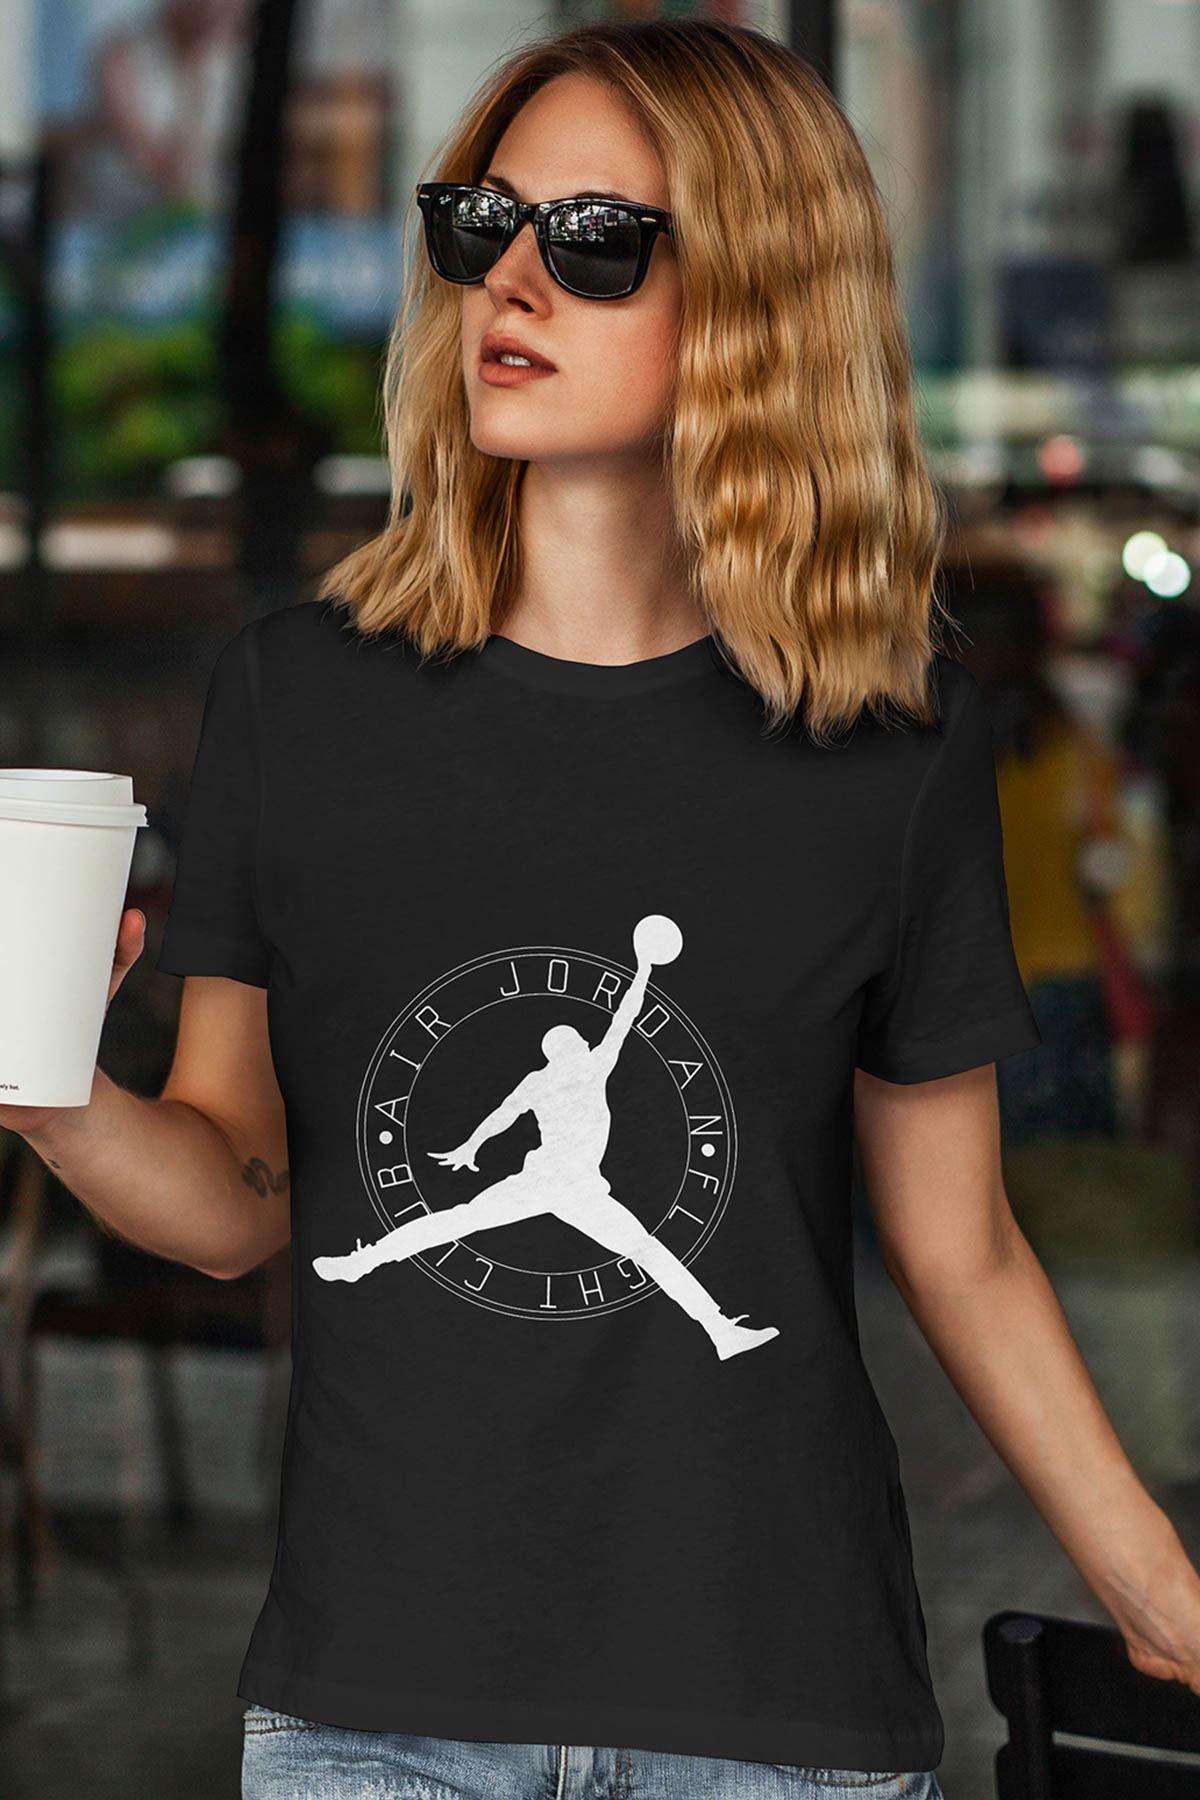 Air Jordan 19 Siyah NBA Kadın Tshirt - Tişört